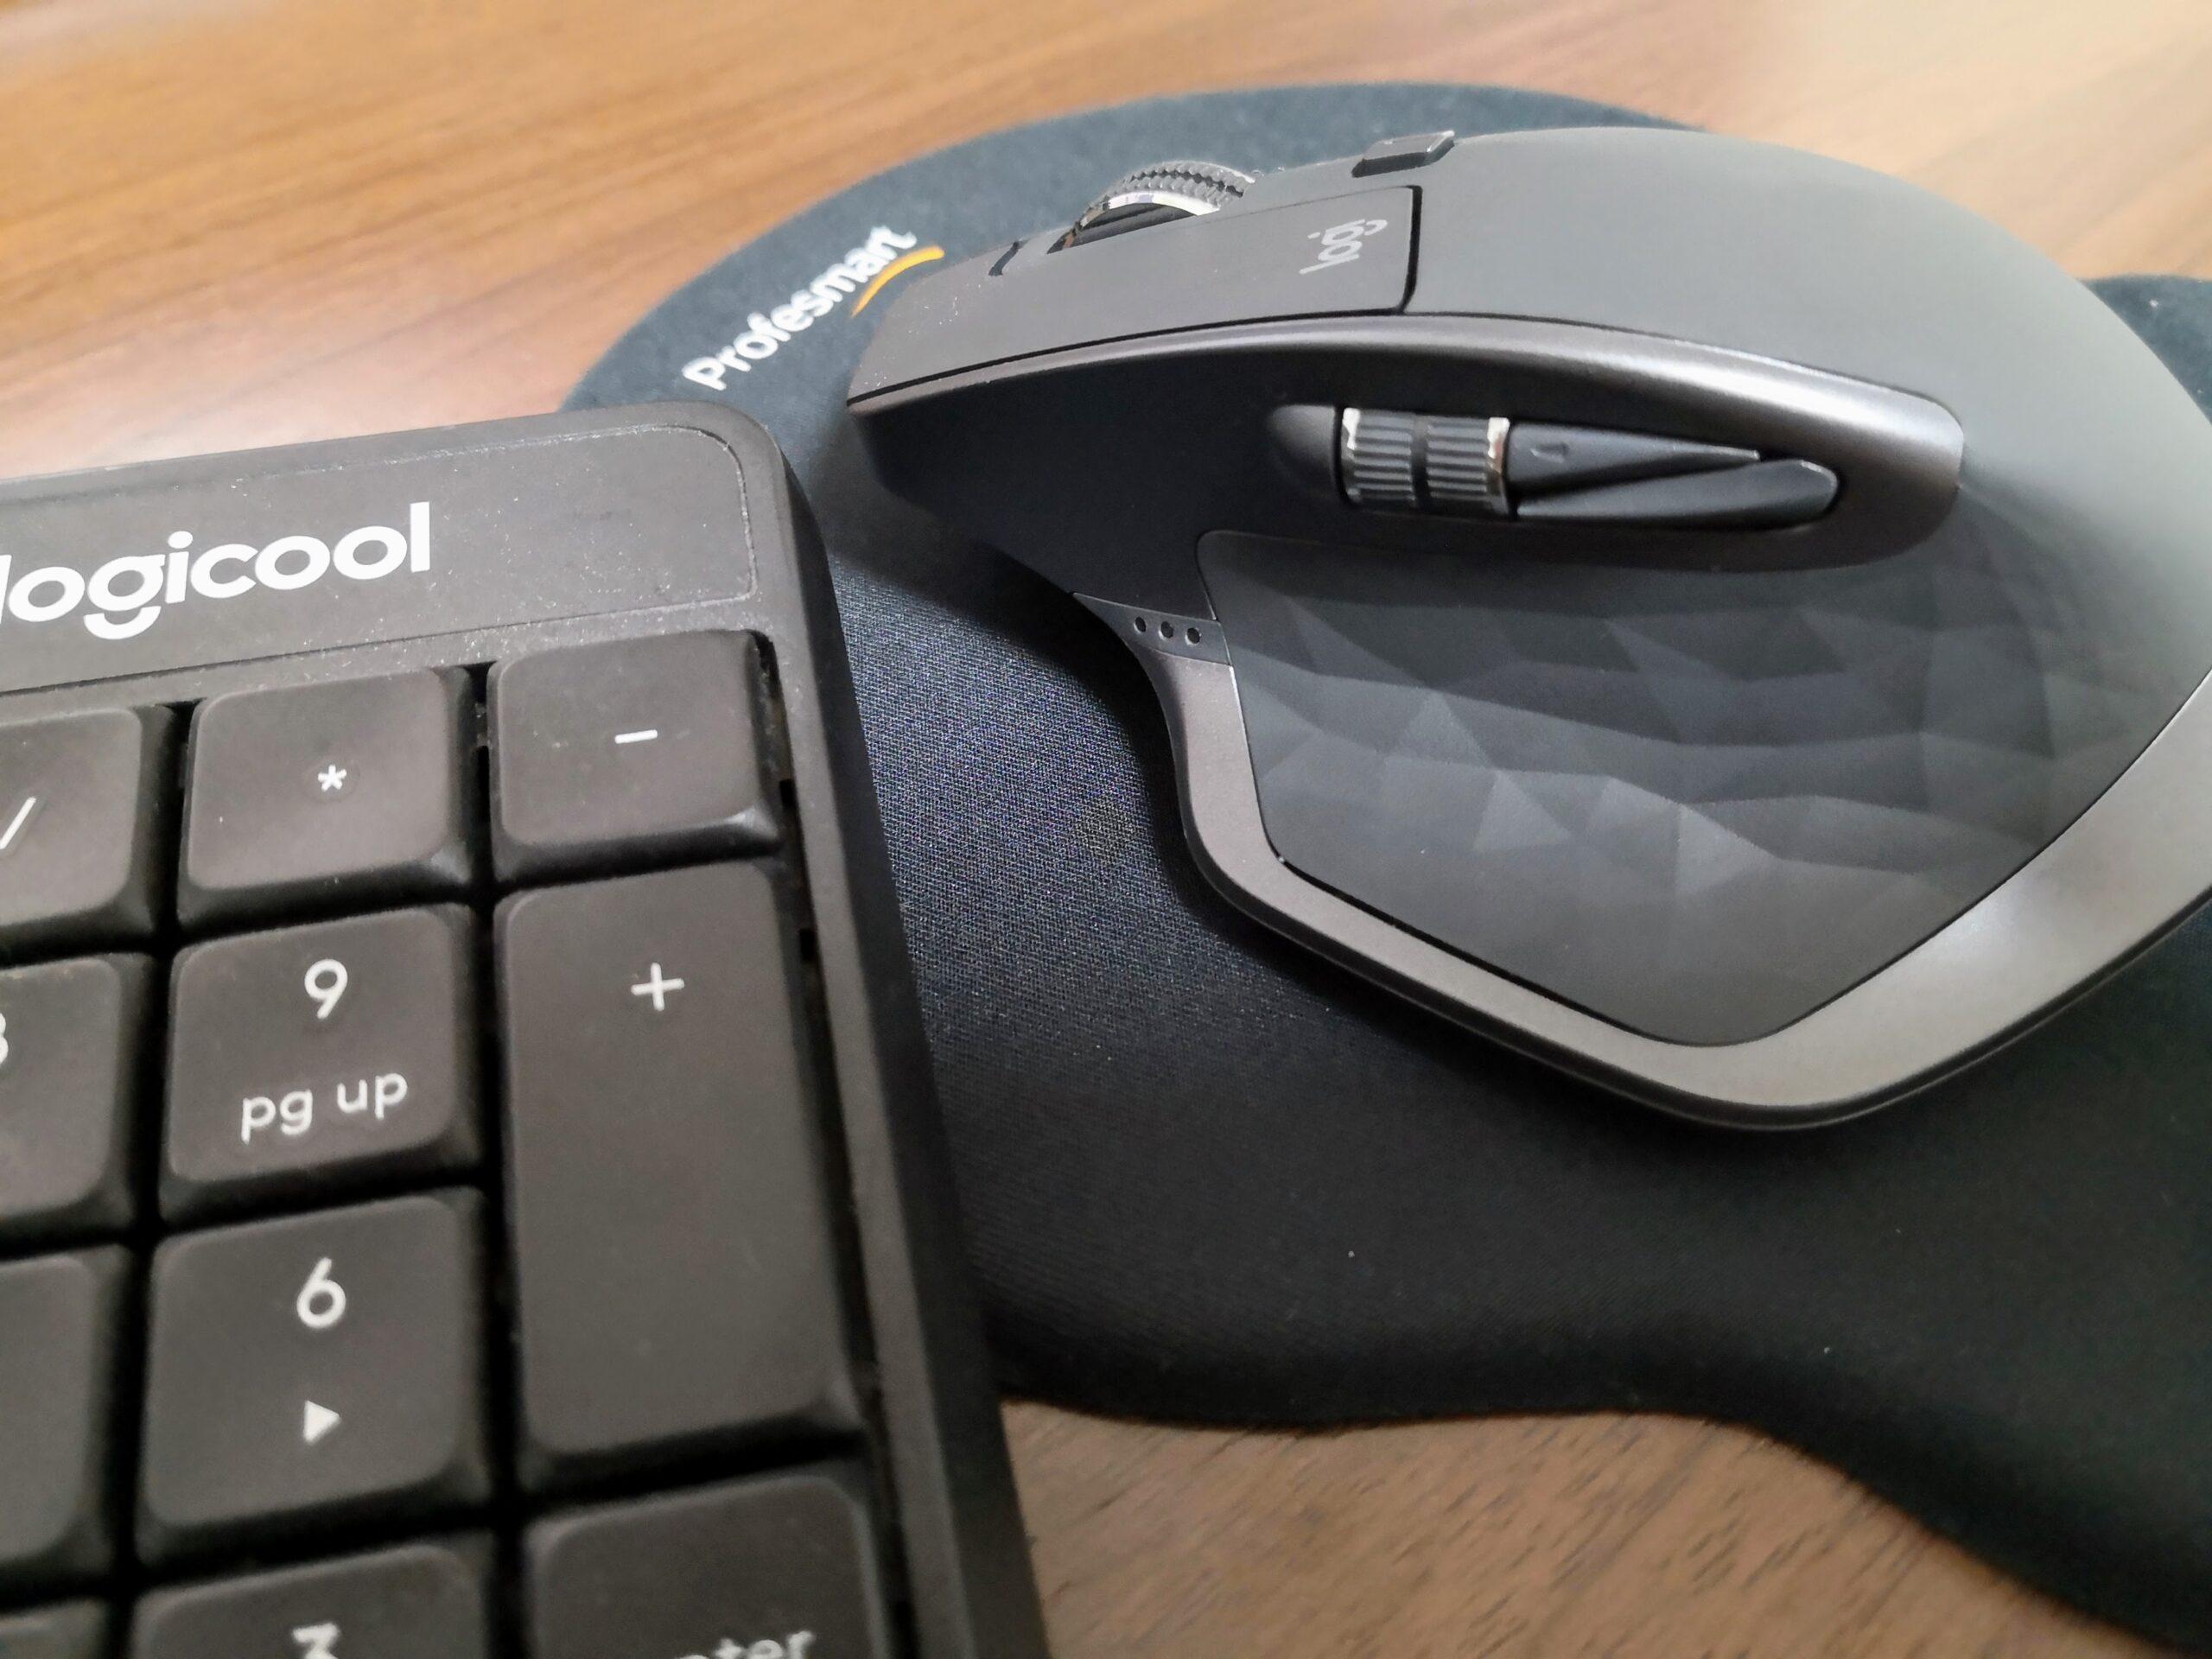 キーボードとマウスを切替式にして在宅勤務が捗るようになった話